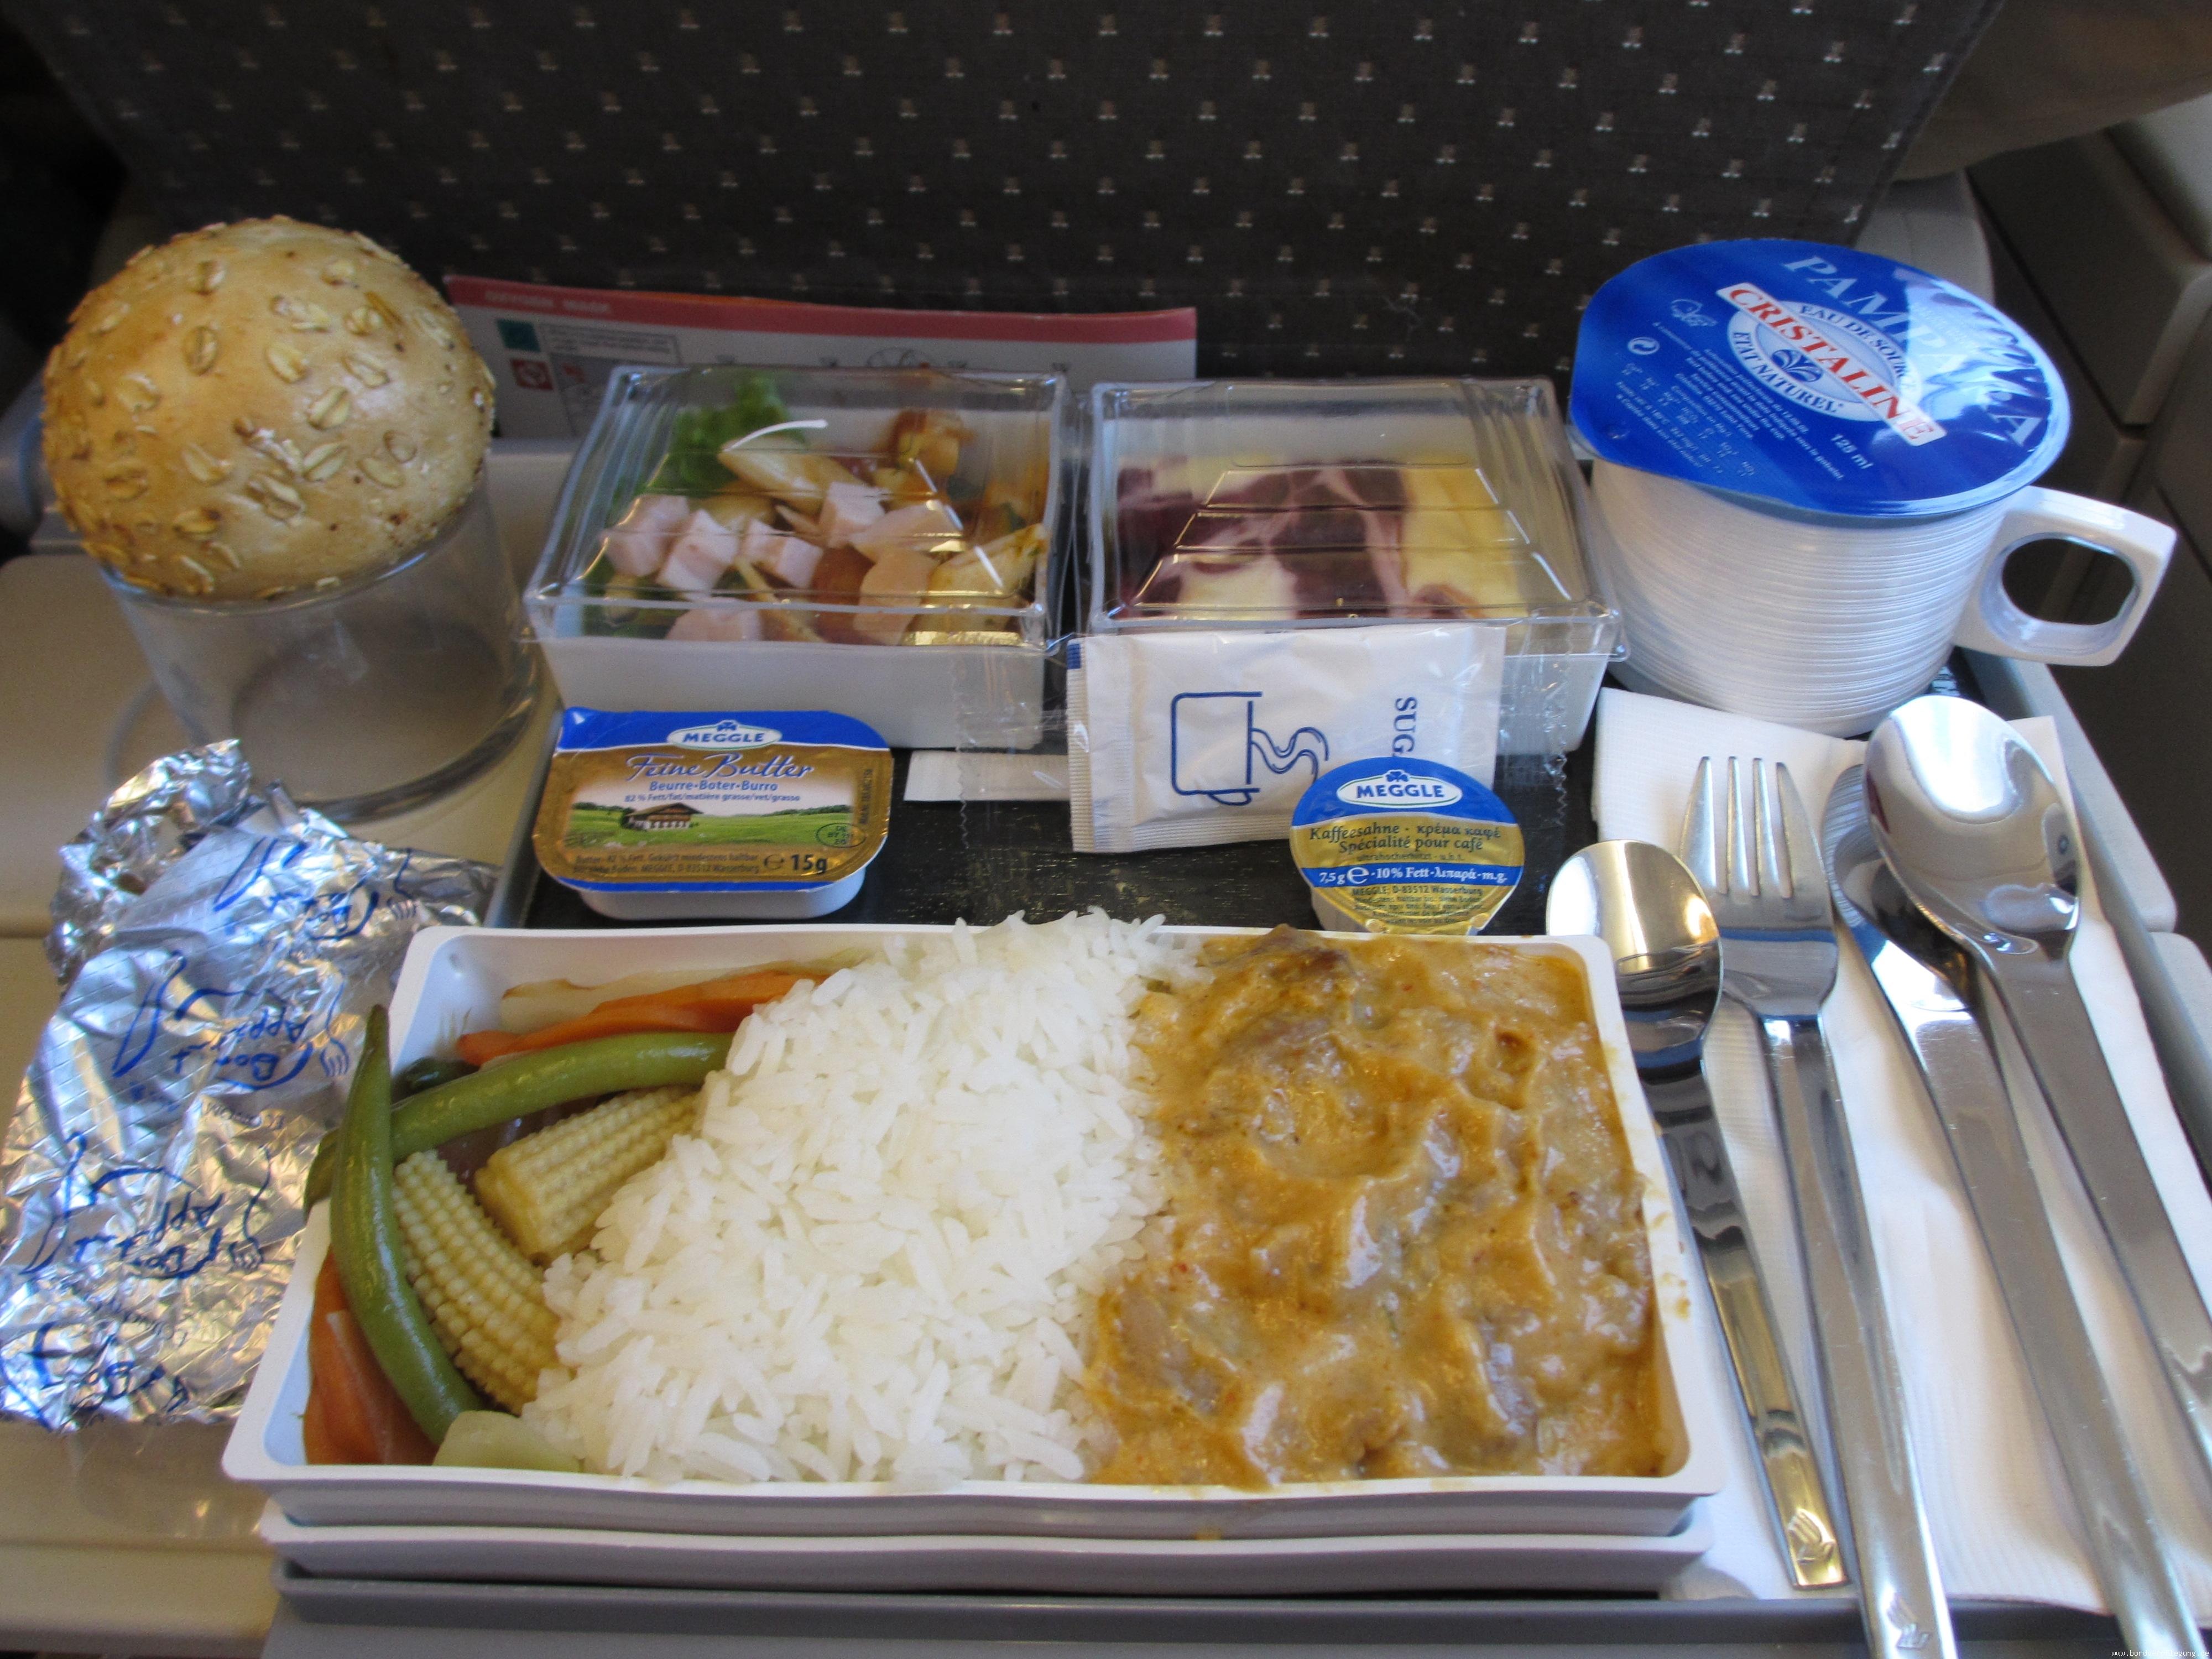 bordverpflegung singapore airlines essen mittagessen frankfurt main nach new york jfk ny. Black Bedroom Furniture Sets. Home Design Ideas